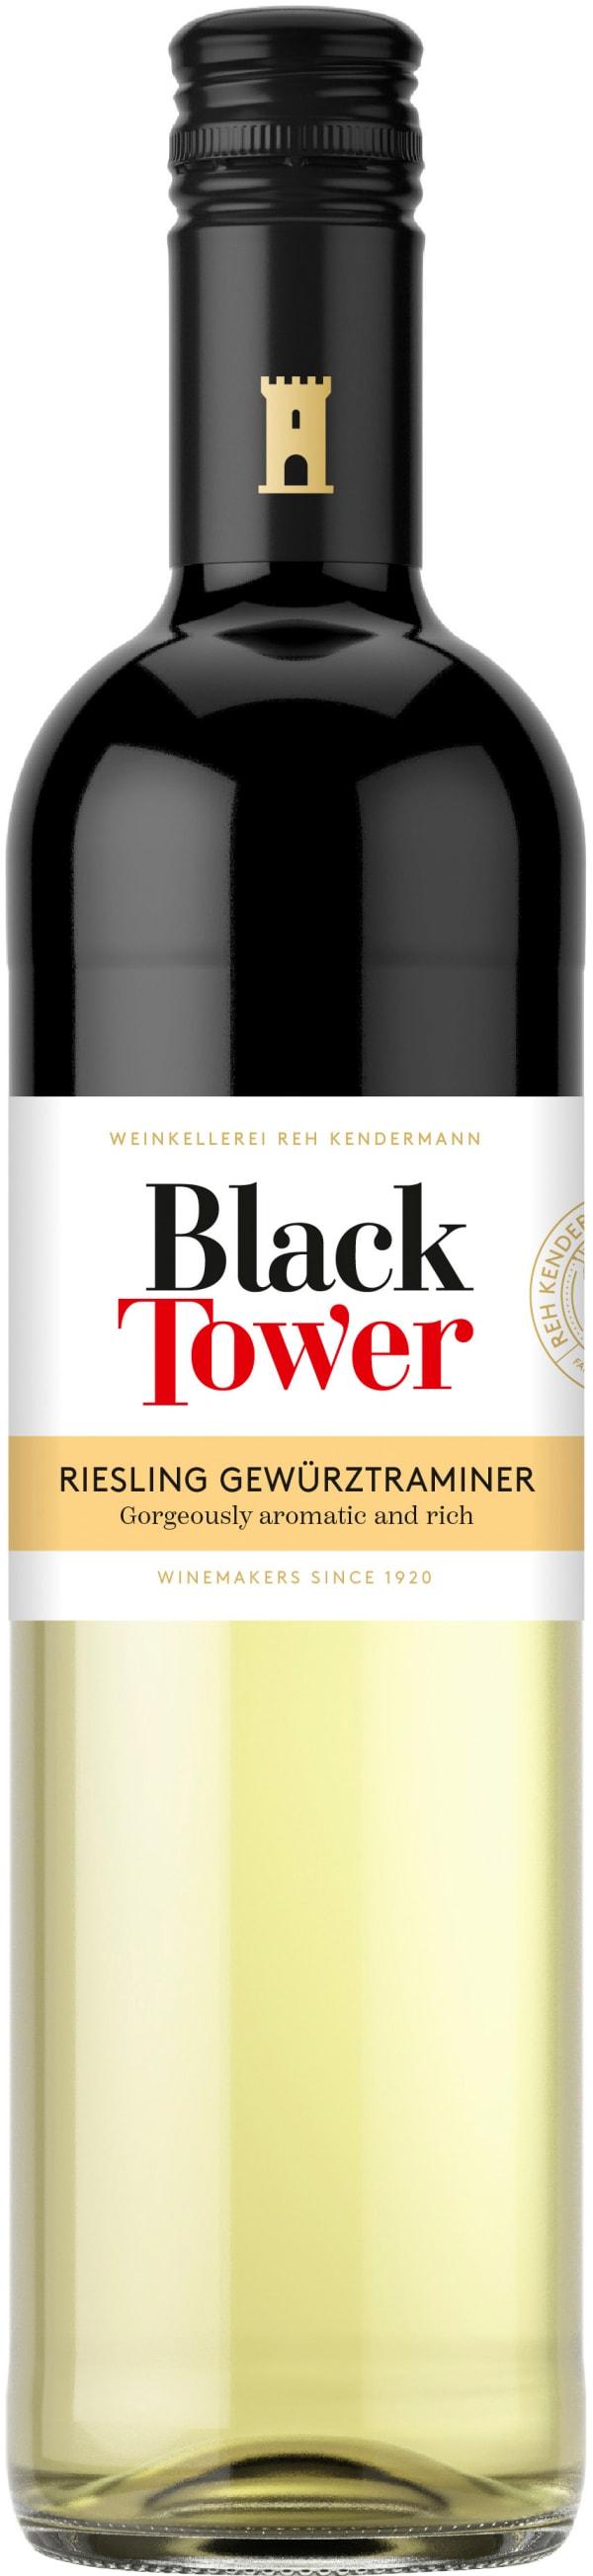 Black Tower Riesling Gewürztraminer 2017